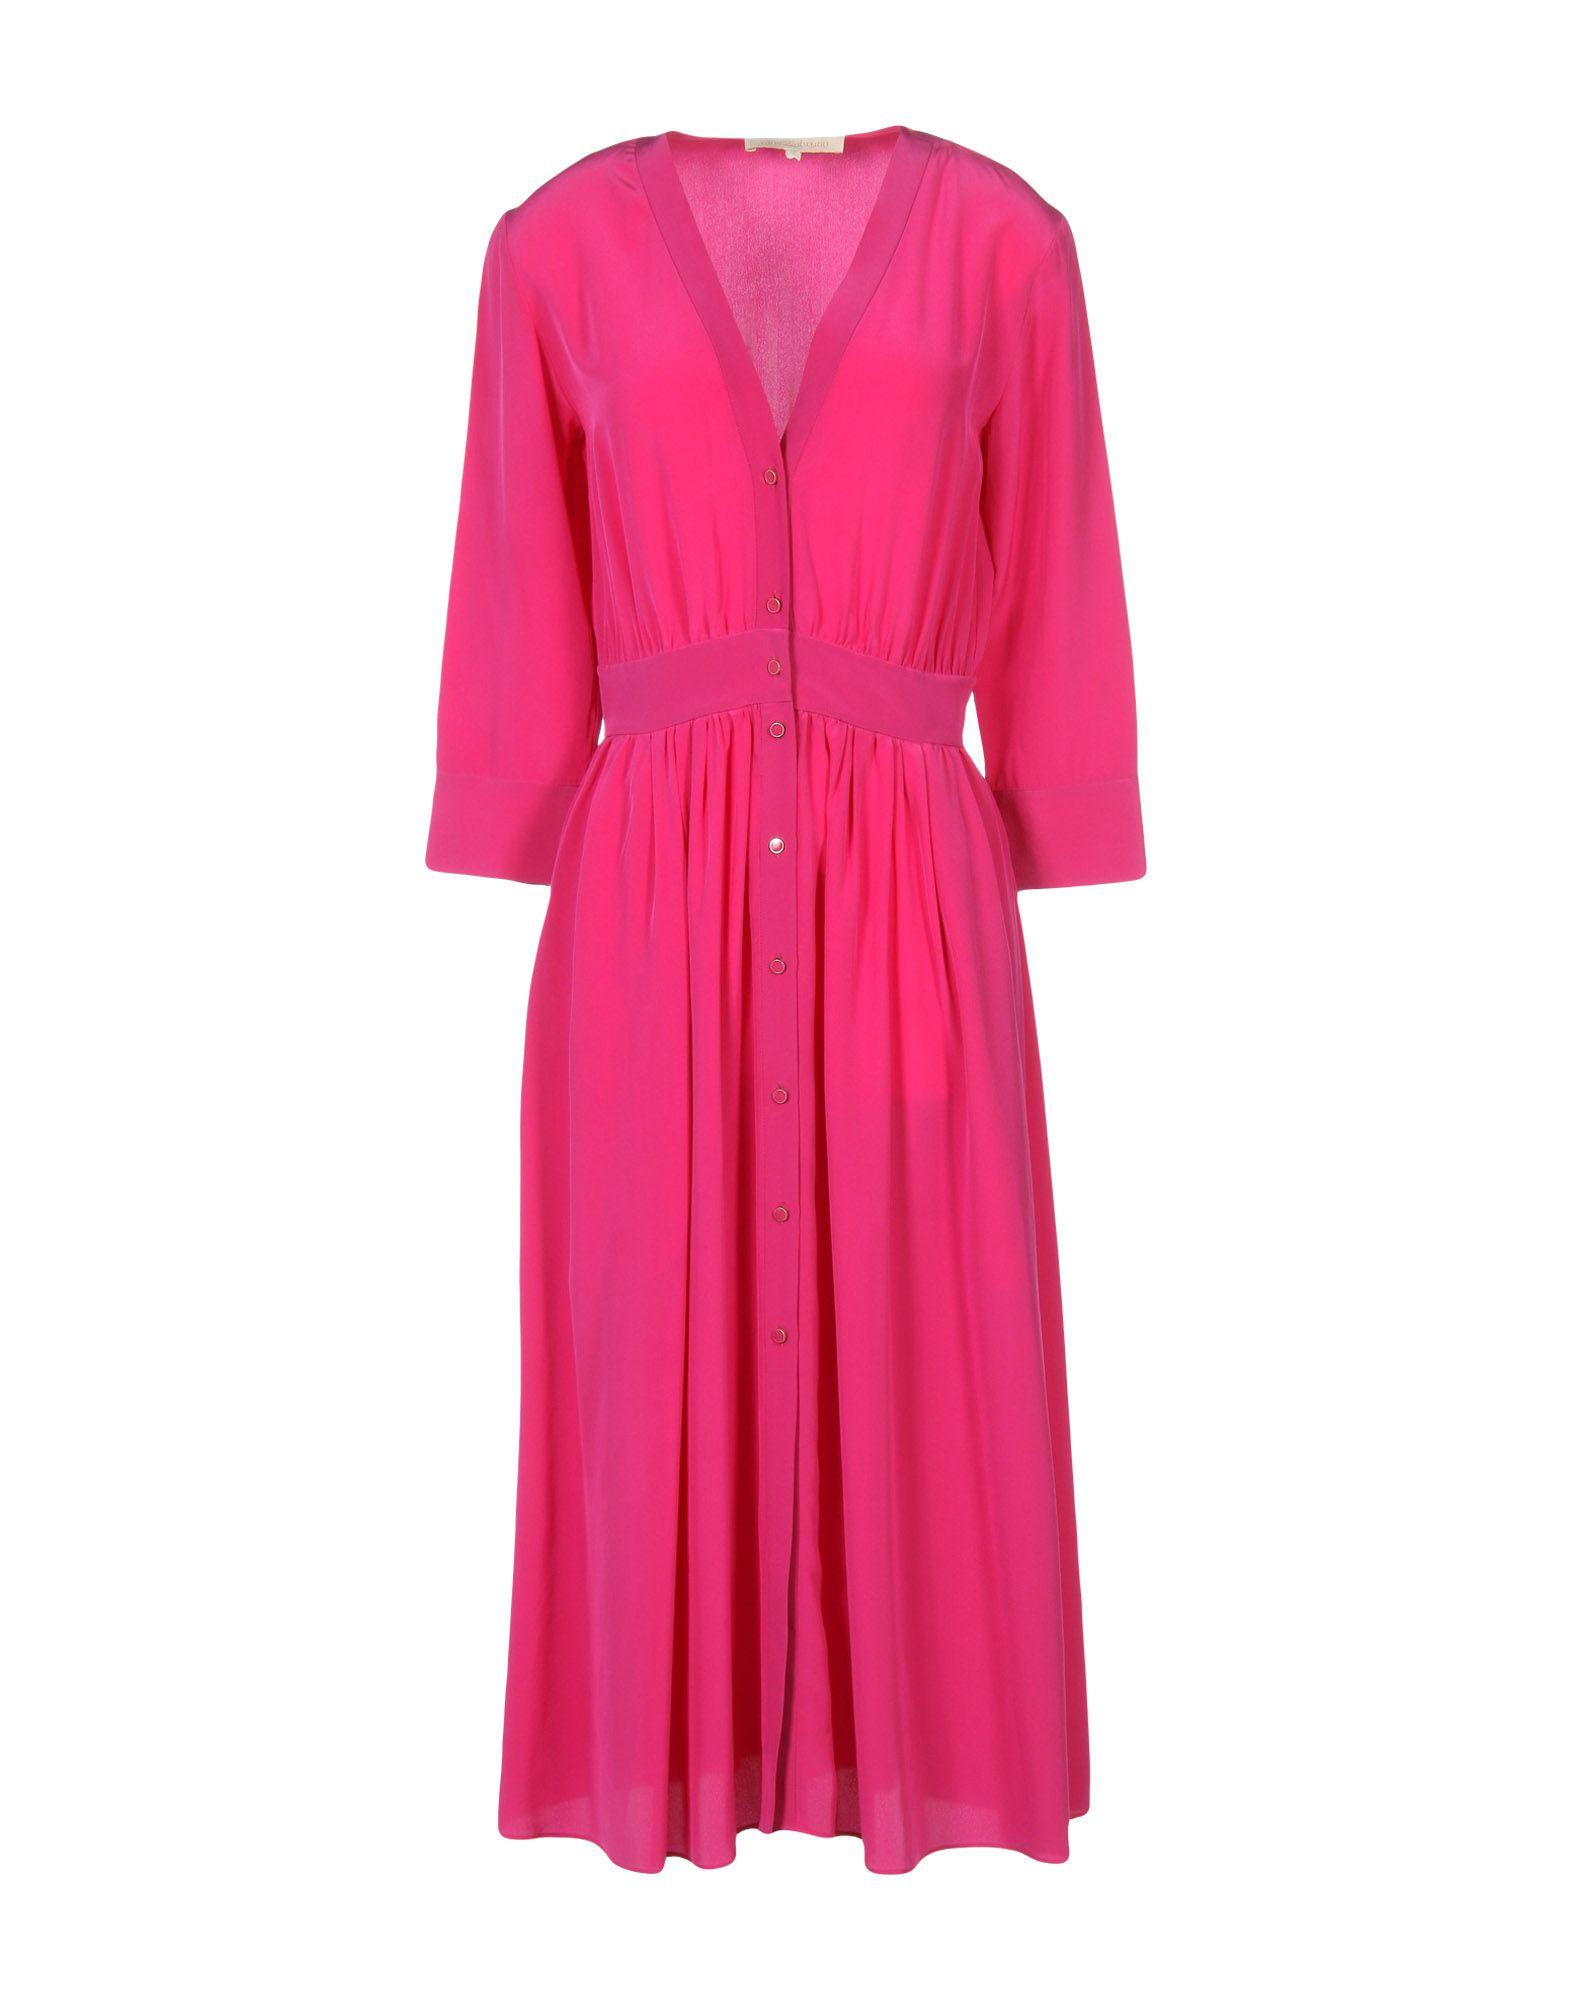 VANESSA BRUNO Платье длиной 3/4 lisa corti платье длиной 3 4